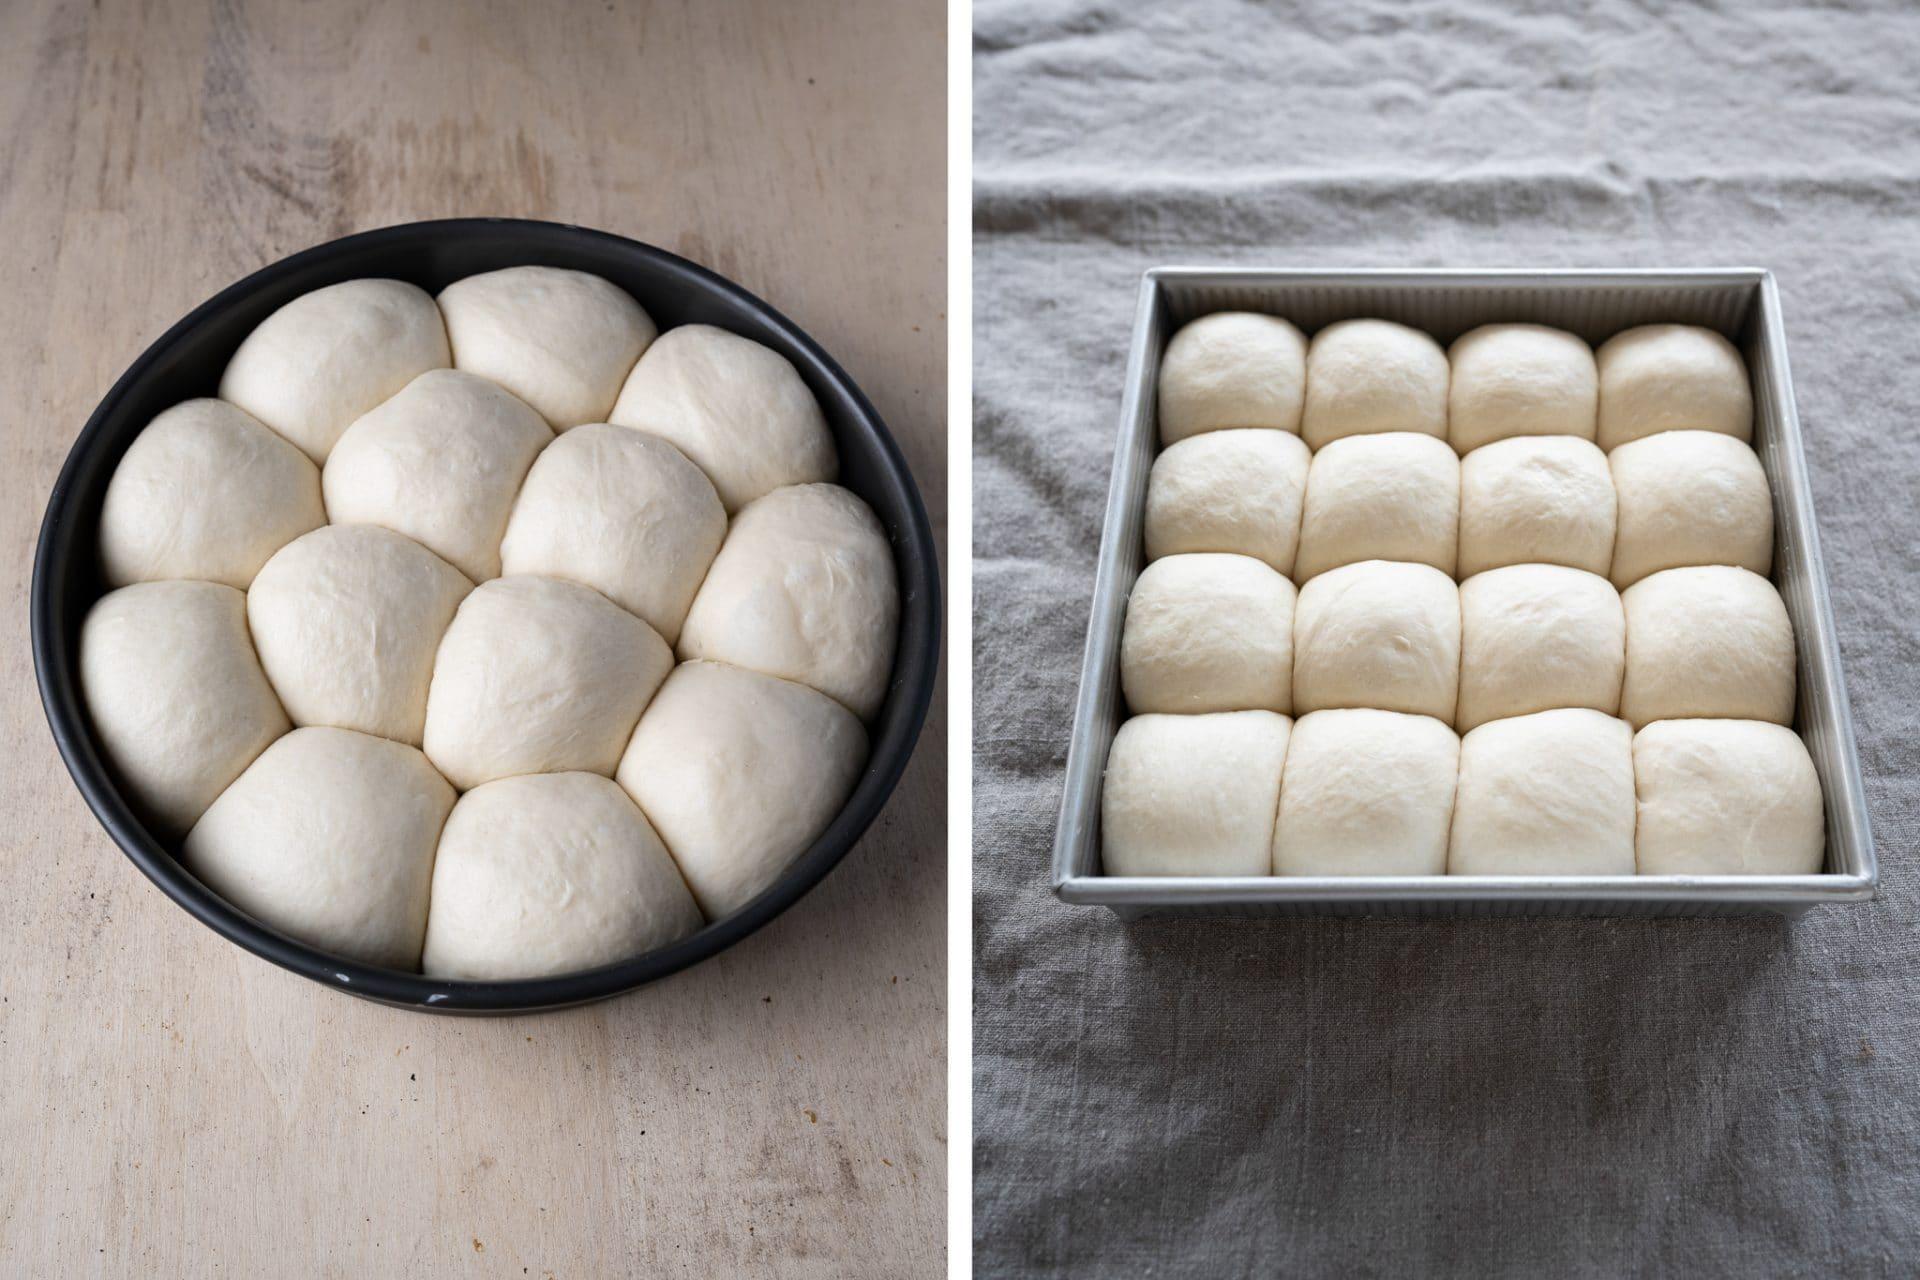 Sourdough rolls baking pan comparison